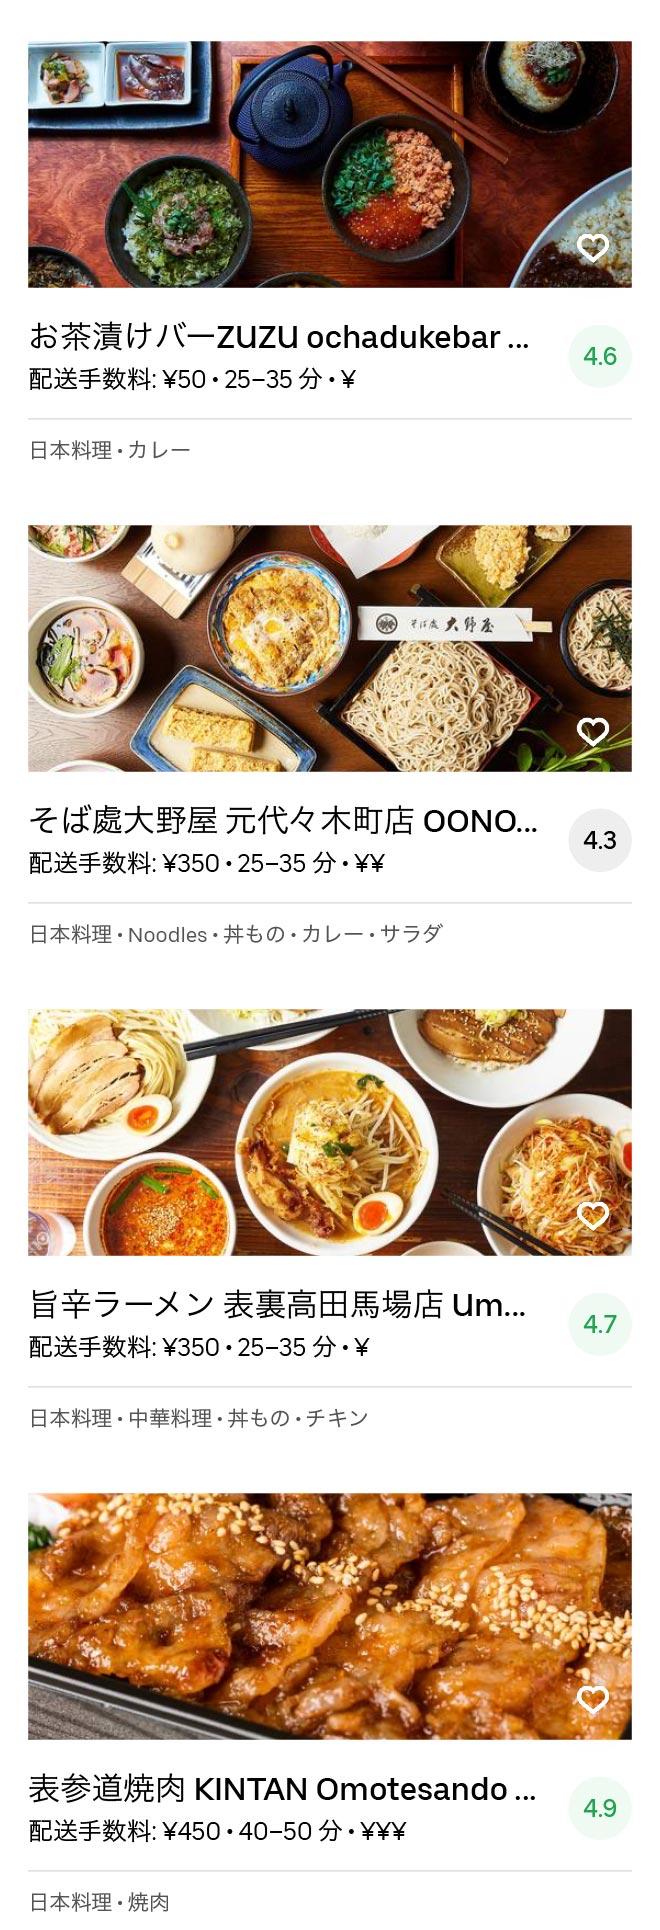 Tokyo shonjuku menu 2005 02